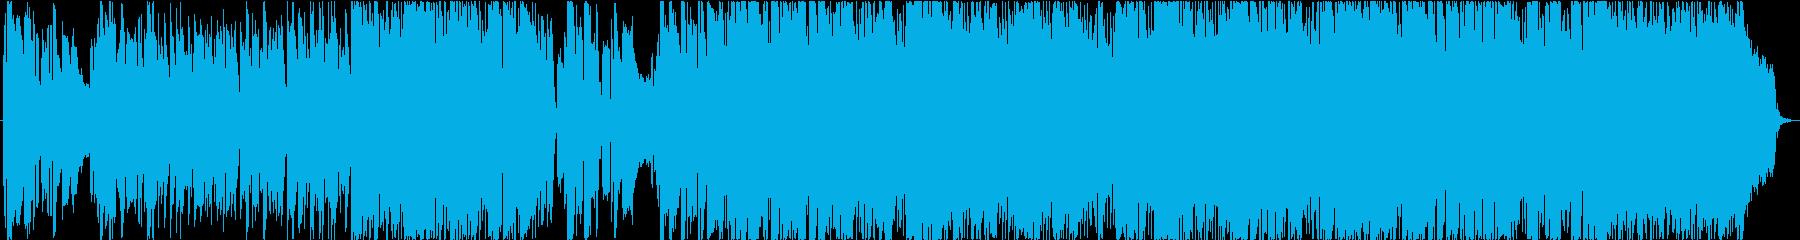 暗い、後ろ向きなバンドサウンドの曲ですの再生済みの波形